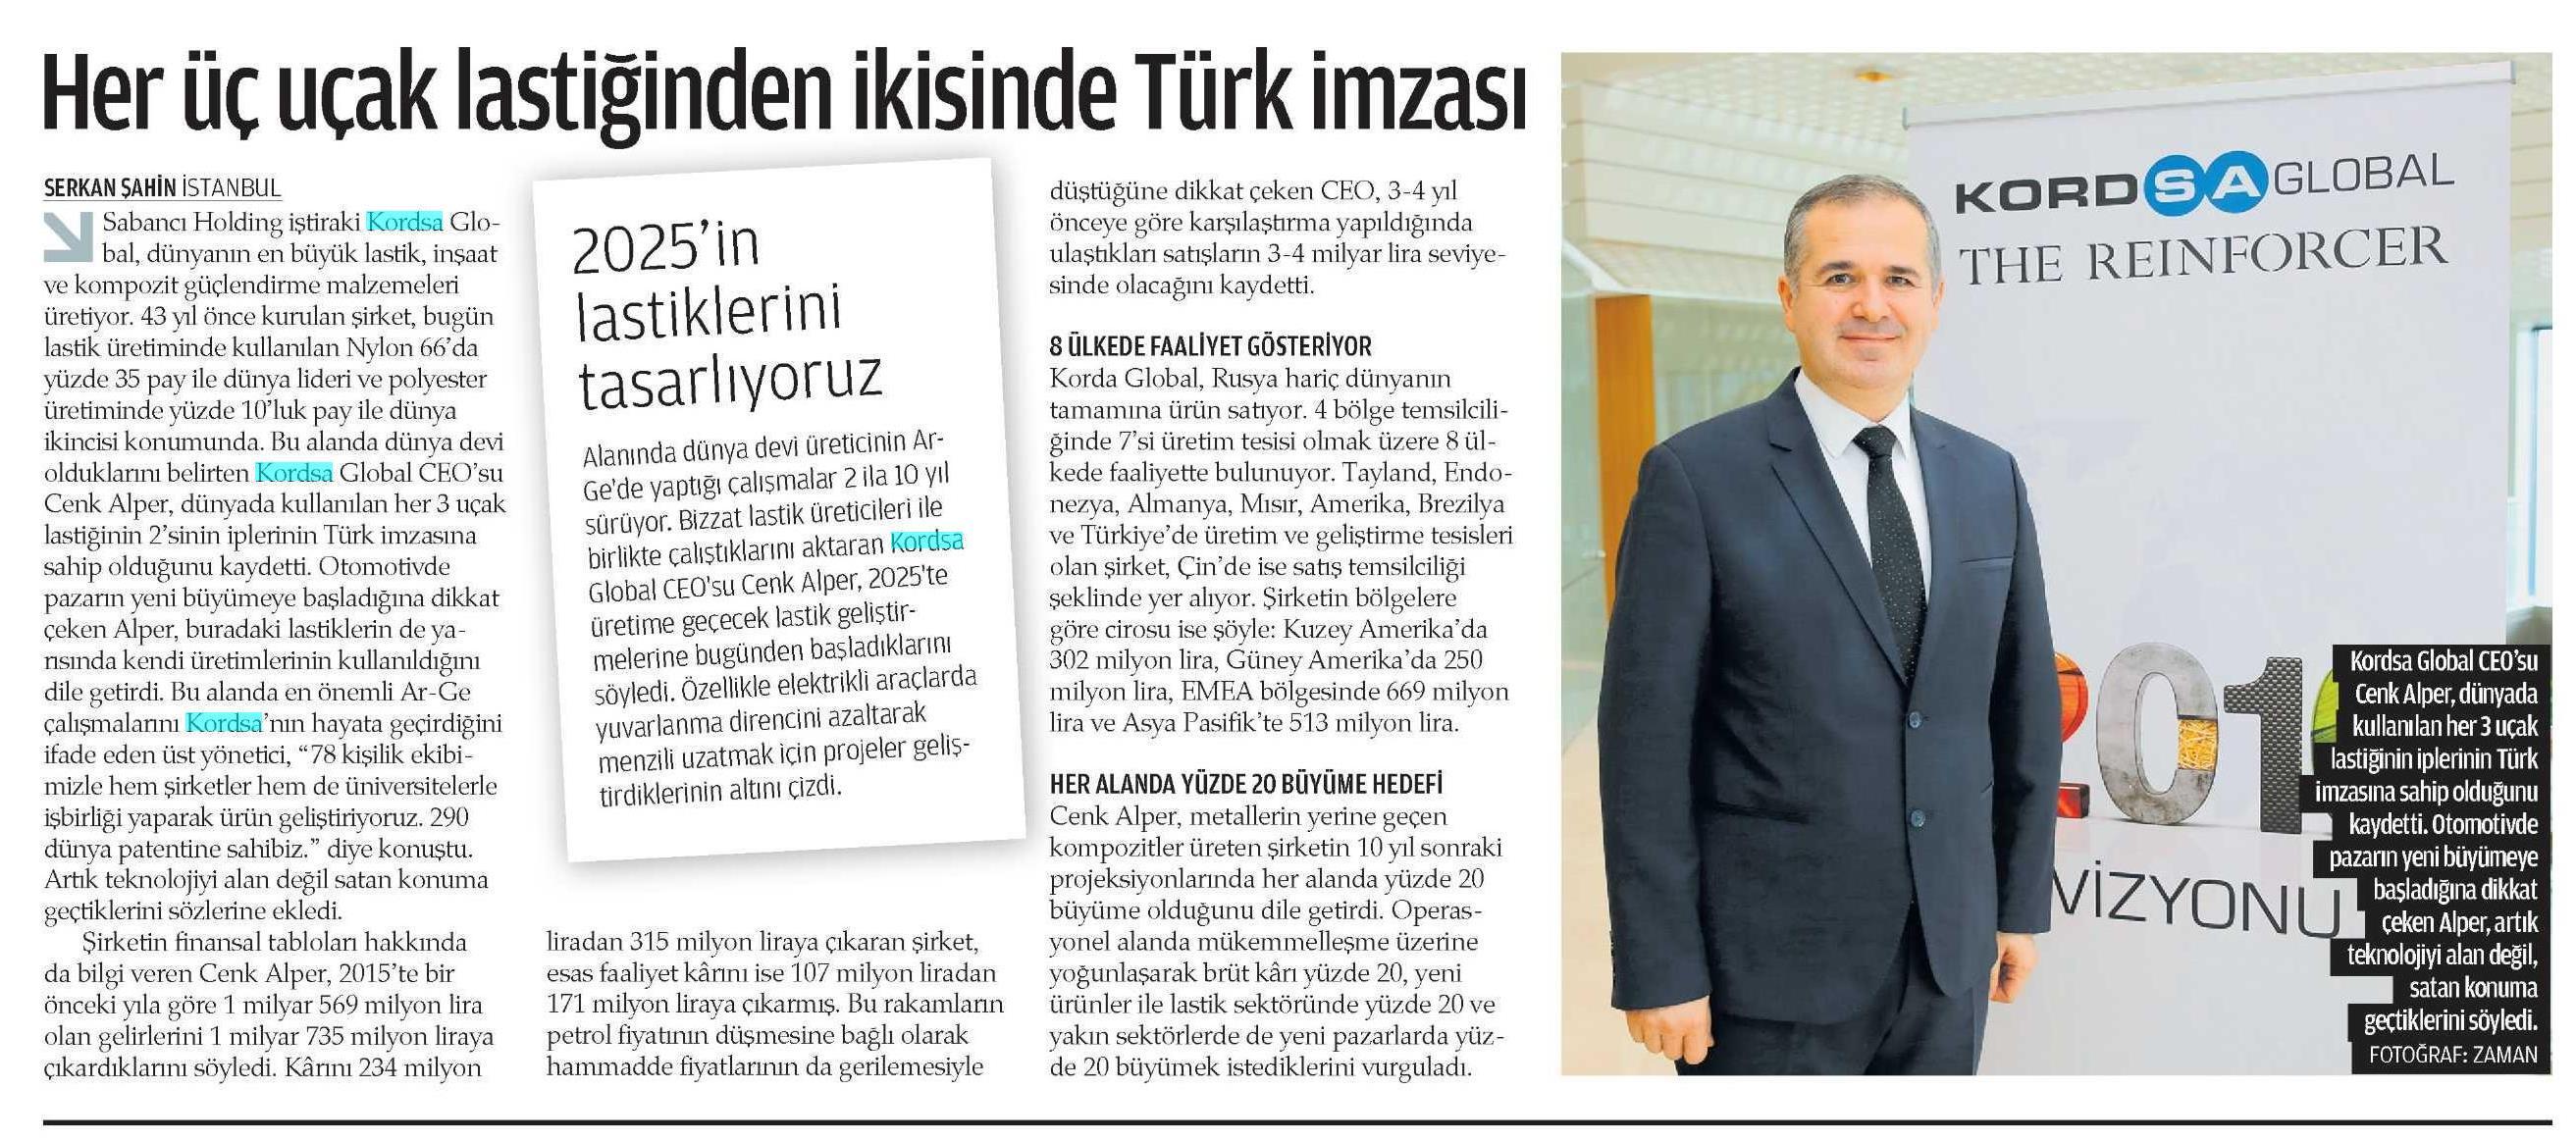 Her üç uçak lastiğinden ikisinde Türk imzası